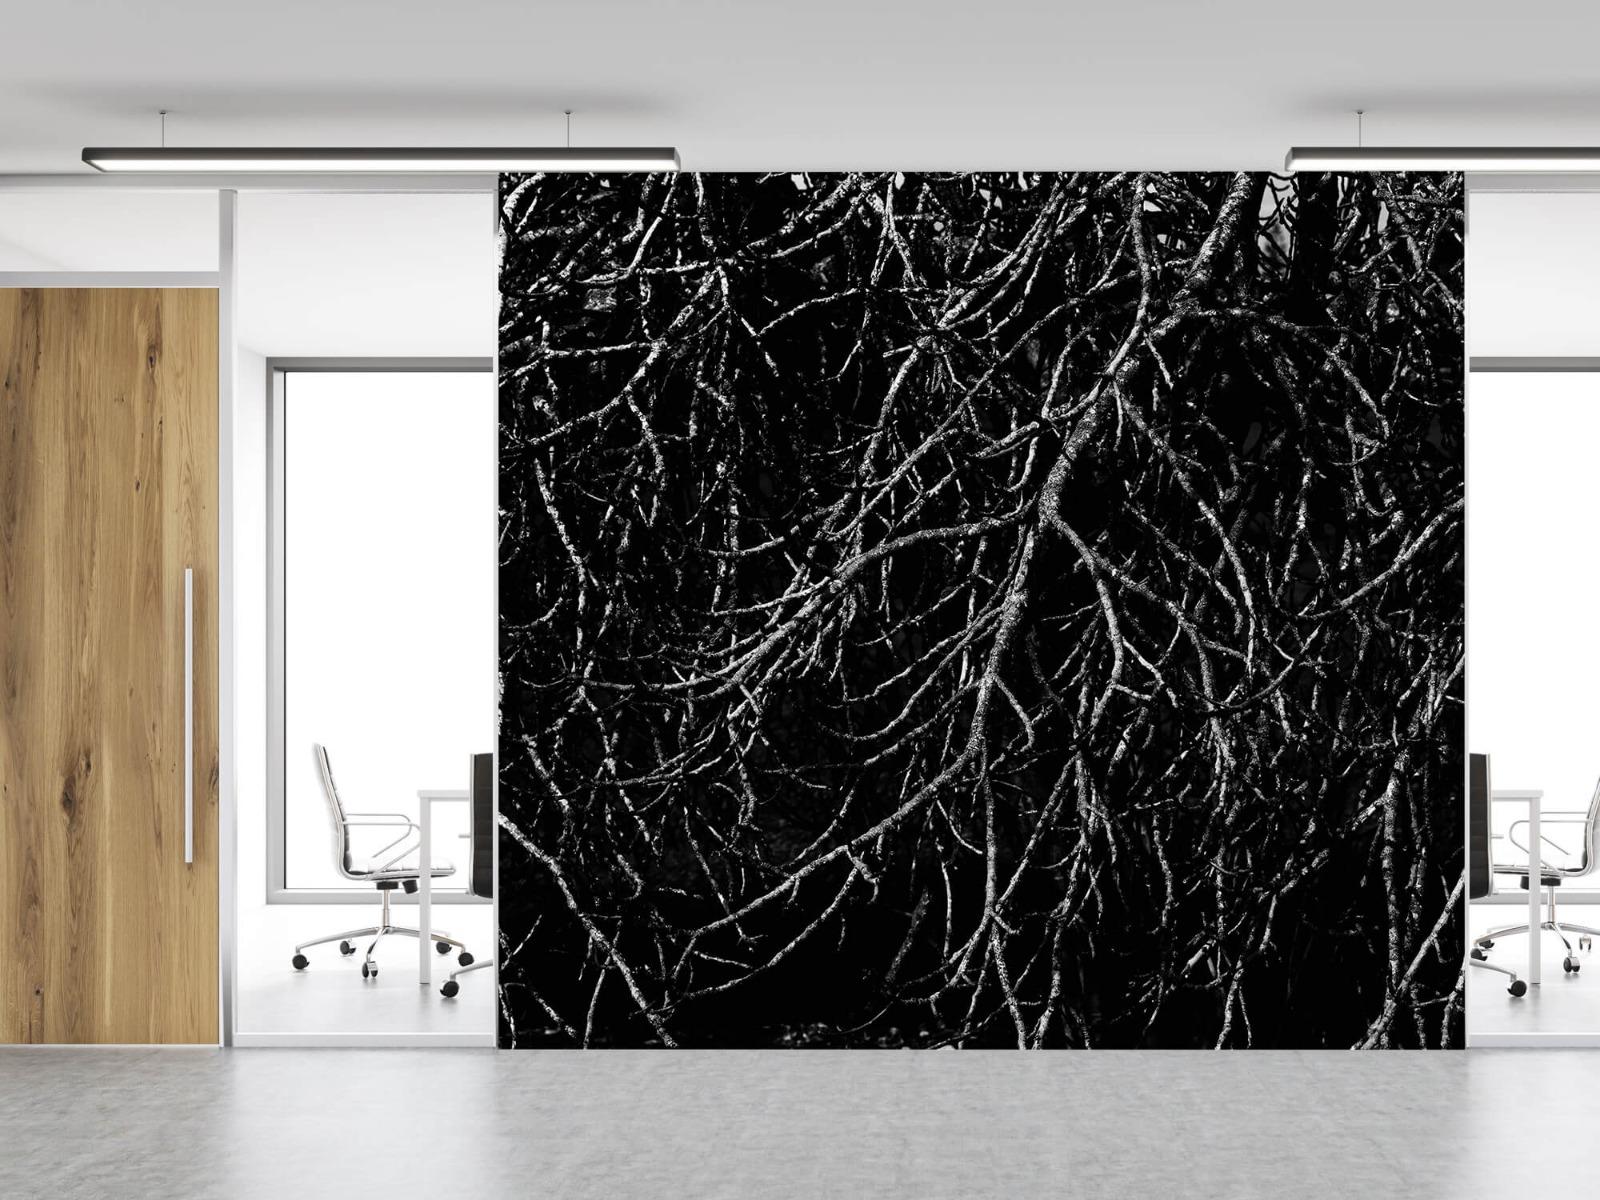 Zwart Wit behang - Boomtakken in zwart wit - Magazijn 12